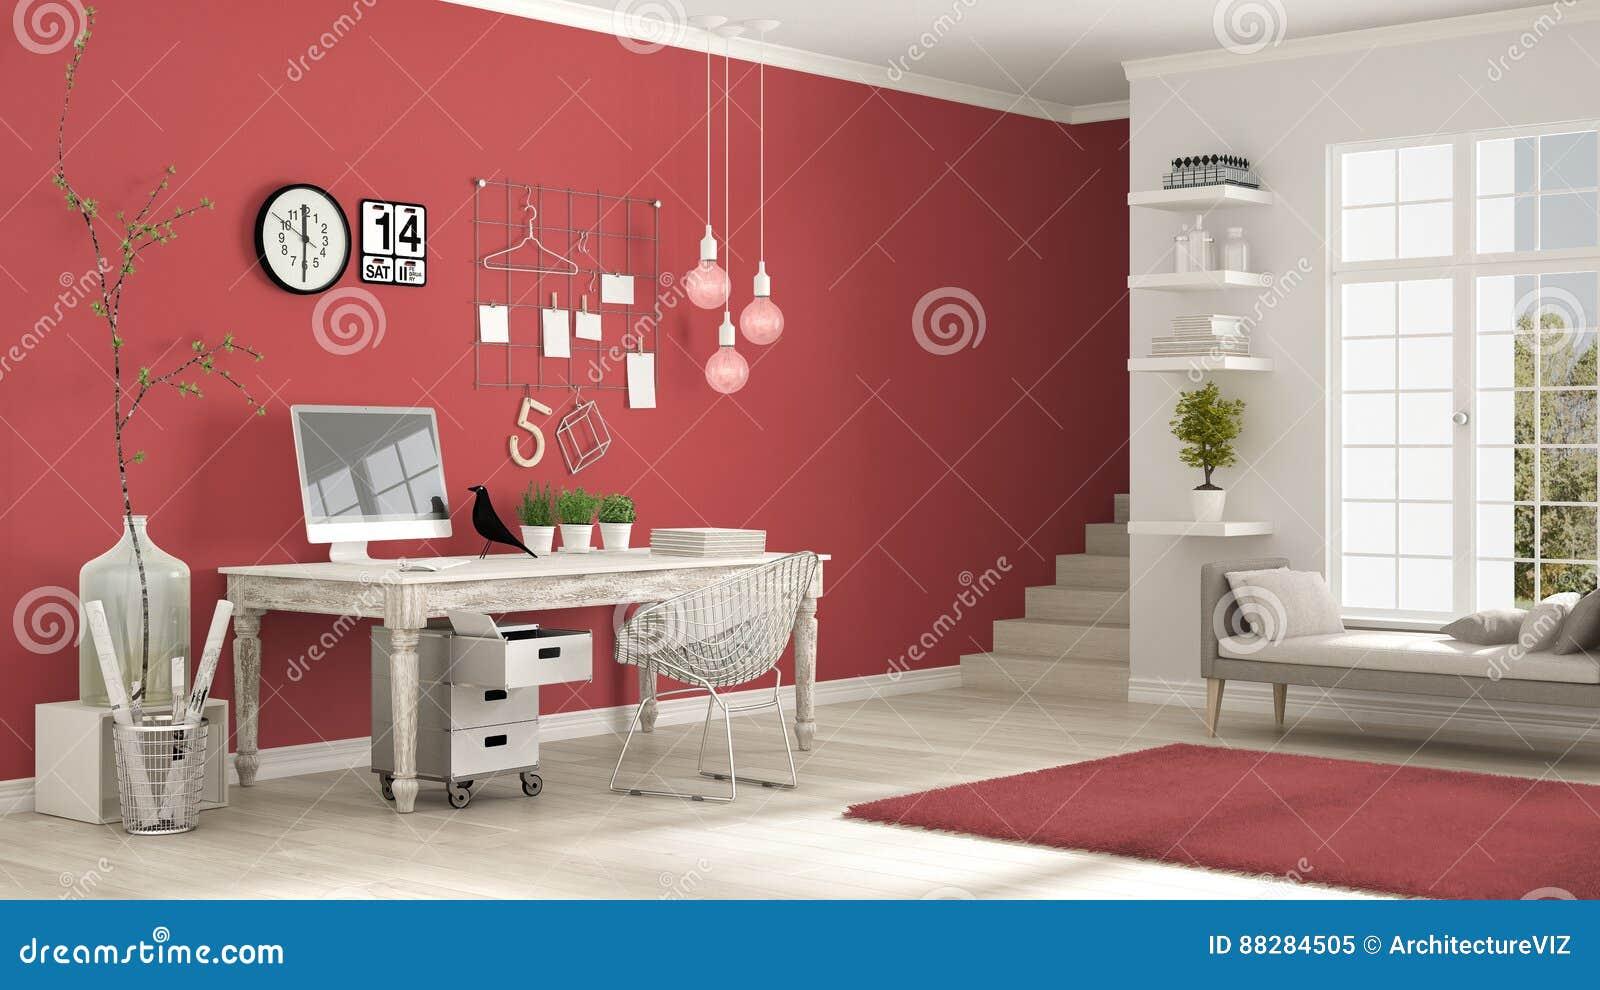 Lieu de travail à la maison pièce blanche et rouge scandinave